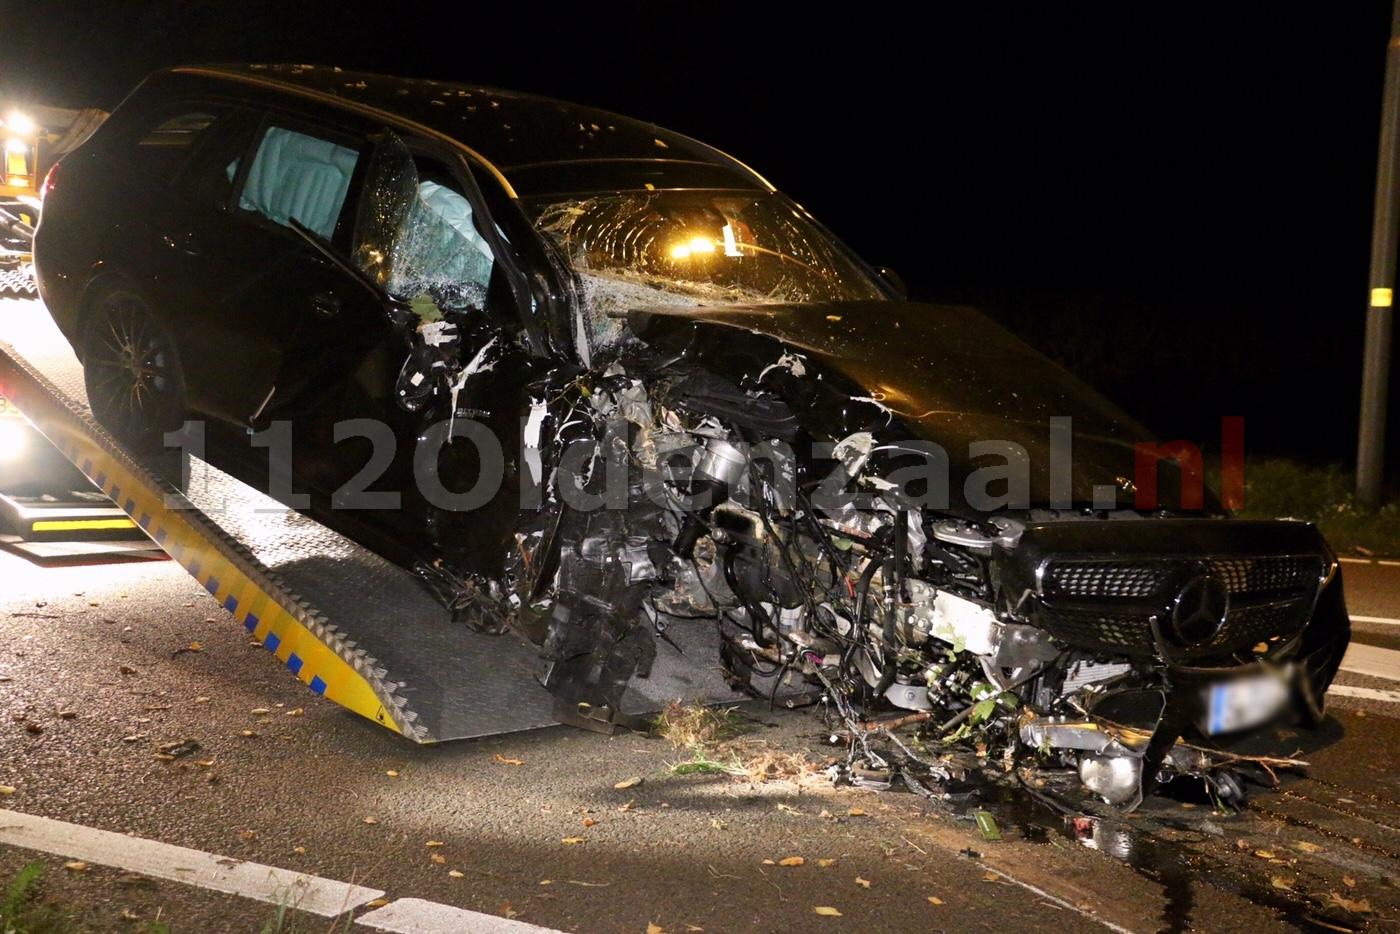 UPDATE (video): Auto total loss na crash tegen boom; bestuurder aangehouden